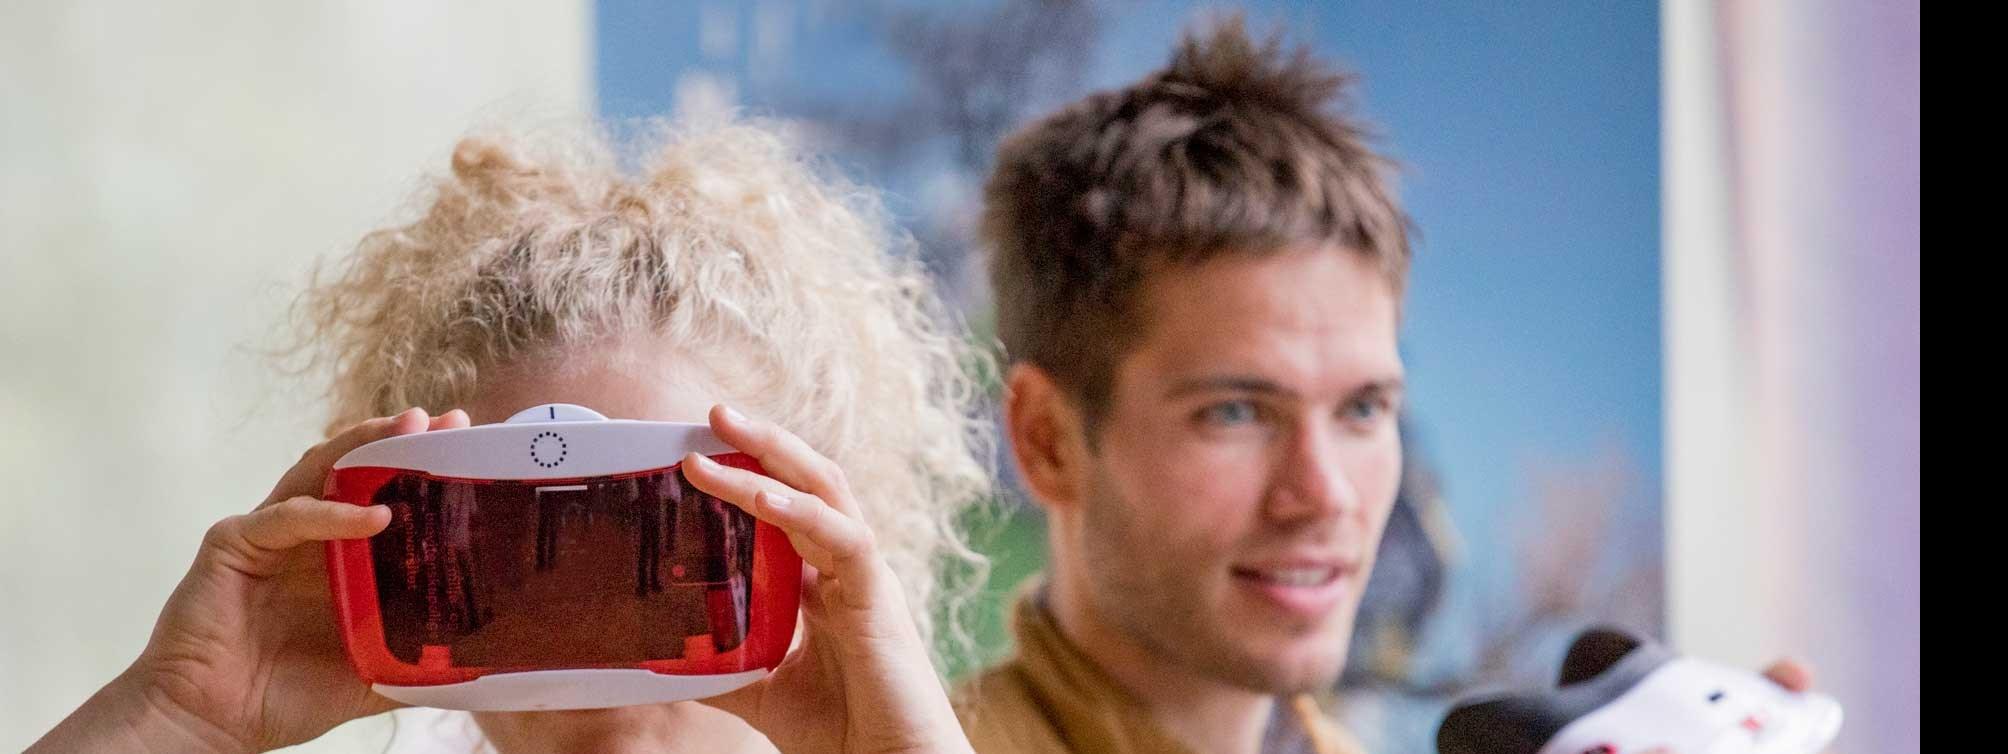 Studenter tester VR-briller.